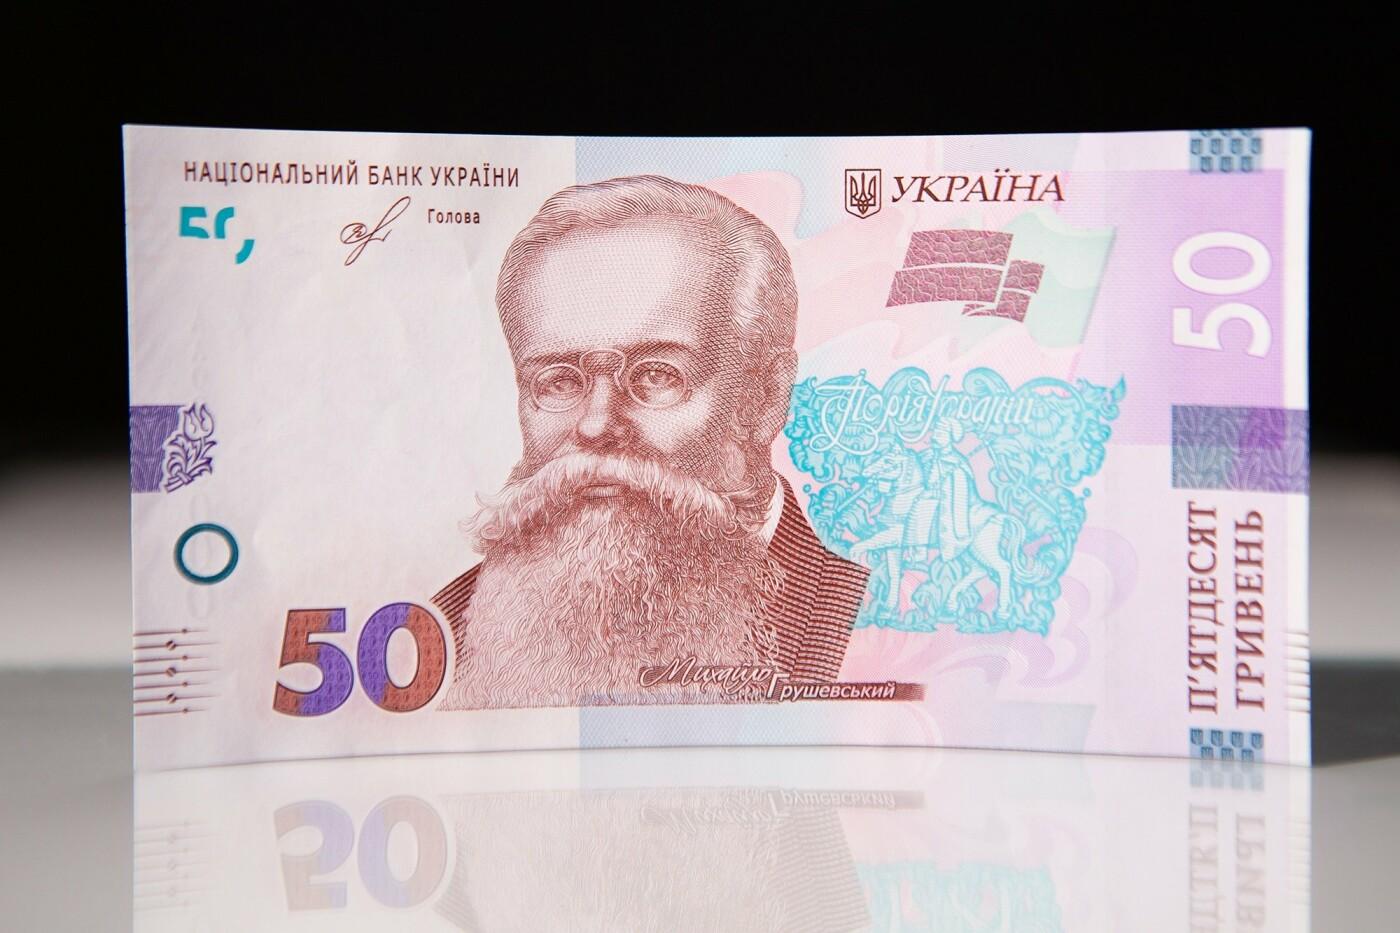 В Украине ввели в оборот новые 50 гривен банкнотой и 5 гривен монетой: что делать со старыми , фото-1